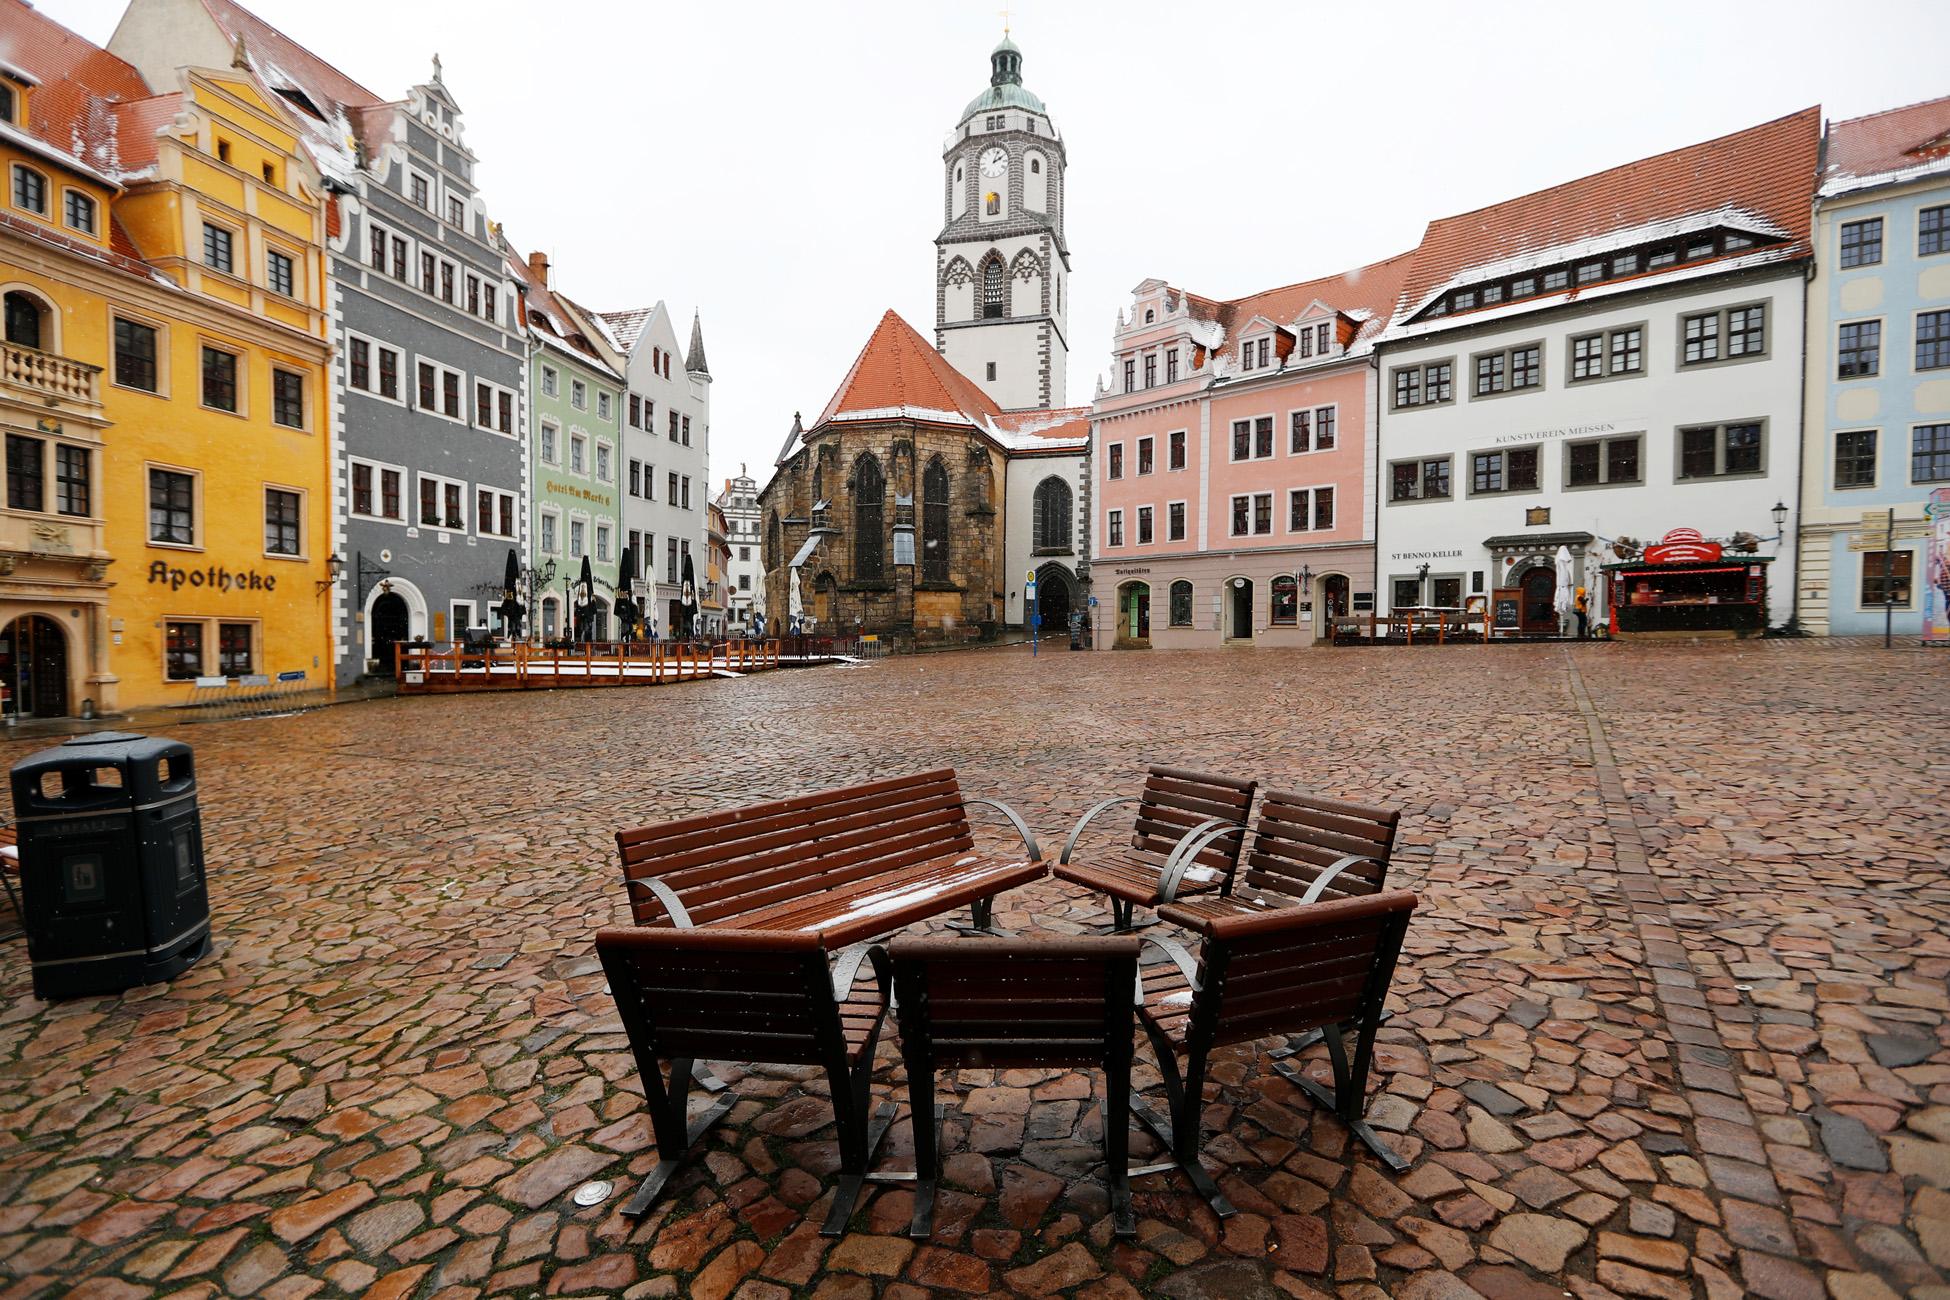 Γερμανία: Ξεπέρασαν τους 45.000 οι νεκροί από κορονοϊό